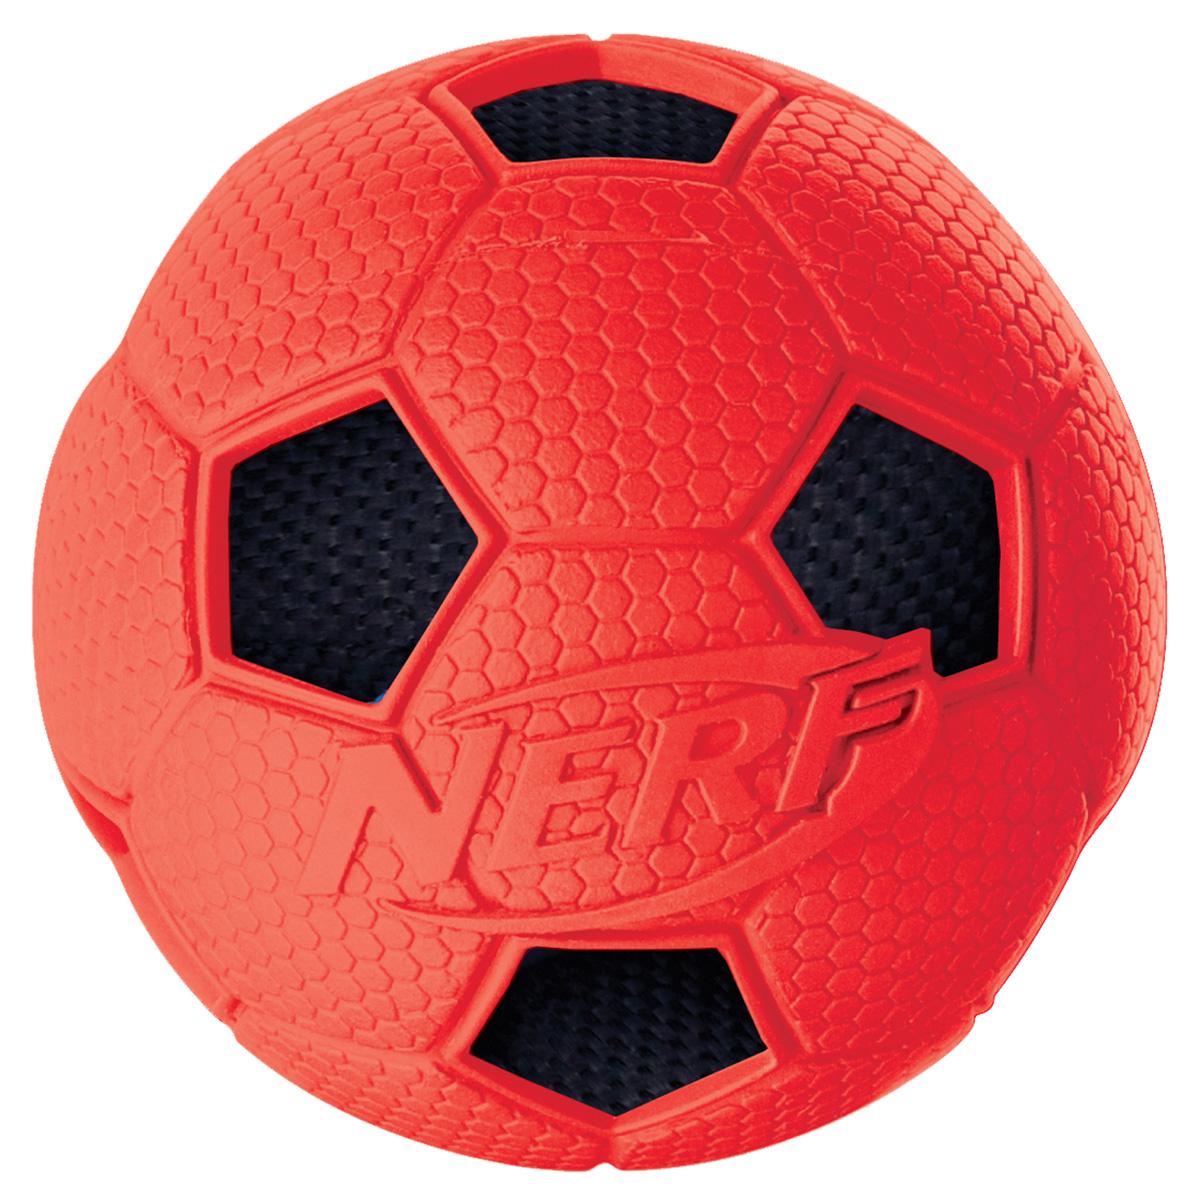 Игрушка для собак Nerf Мяч футбольный, диаметр 6 см22316Мяч с рельефным рисунком и нейлоновым хрустящим мячом внутри! Высококачественные прочные материалы, из которых изготовлена игрушка, обеспечивают долговечность использования! Звук мяча дополнительно увлекает собаку игрой! Яркие привлекательные цвета! Игрушки Nerf Dog представлены в различных сериях в зависимости от рисунка, фактуры и материала, из которого они изготовлены (резина, ТПР, нейлон, пластик, каучук). Размер: 6 см, S.